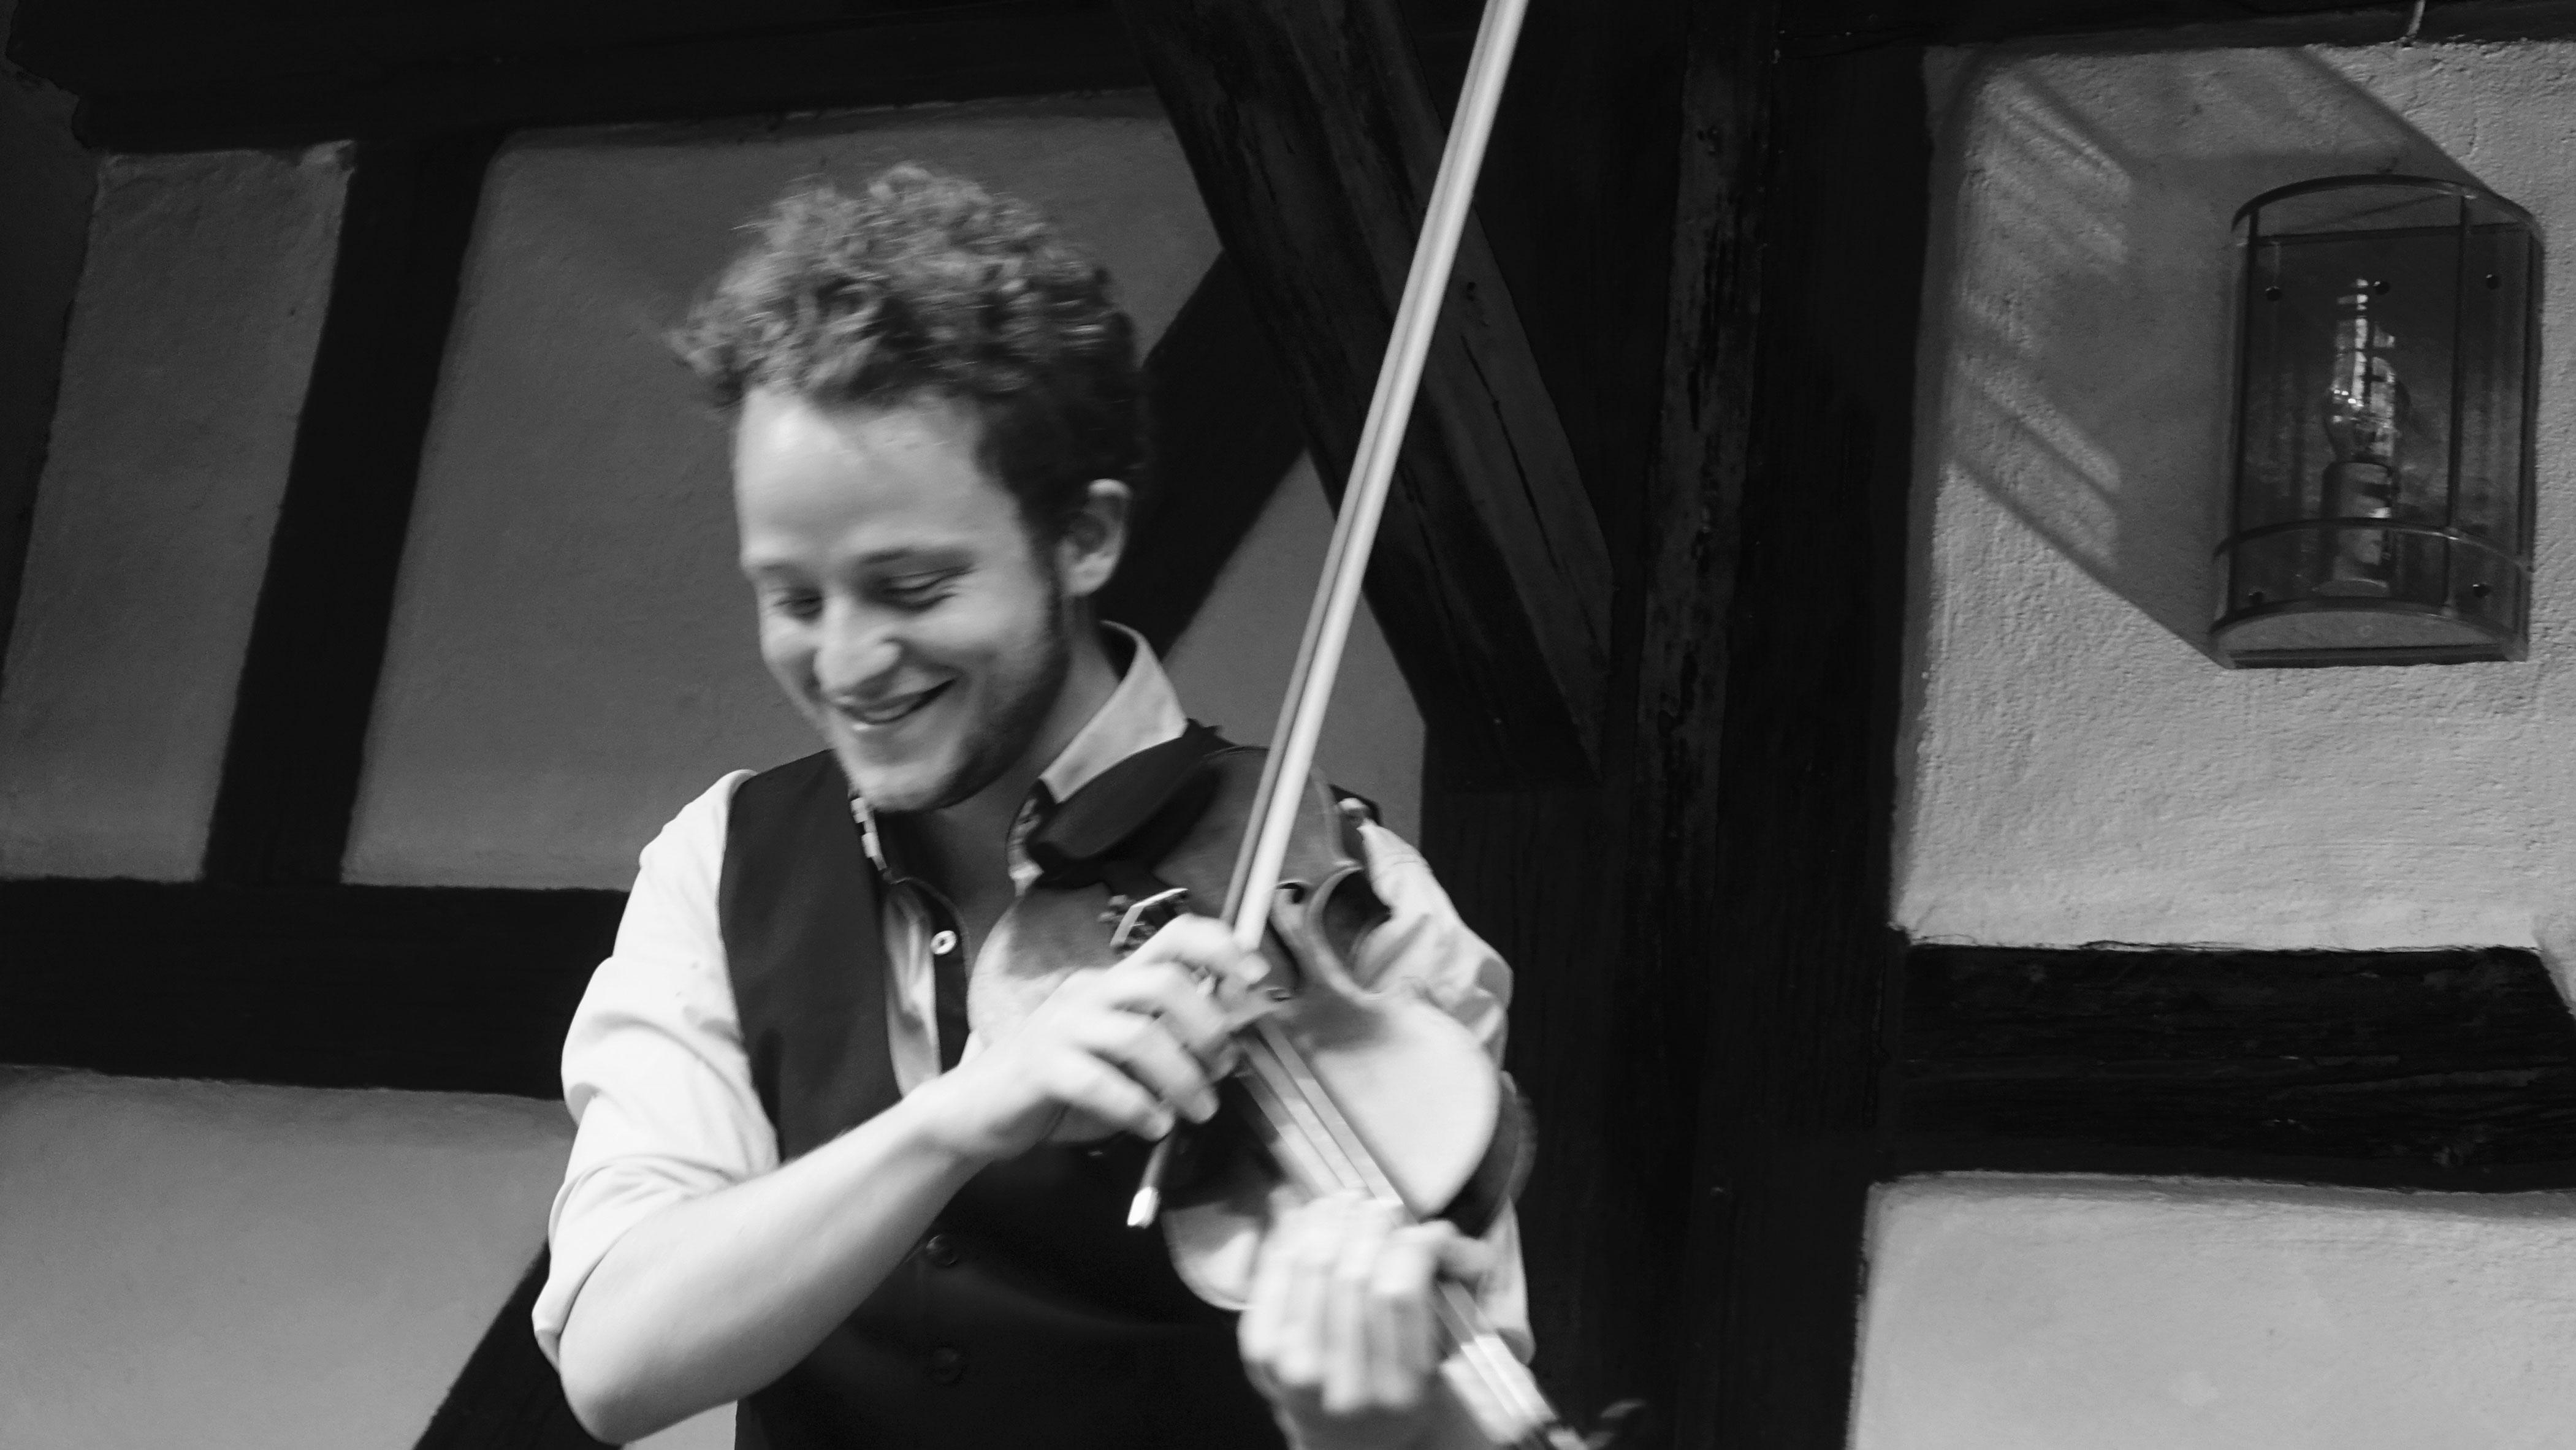 Feuerbach Quartett - Max beim Geige spielen